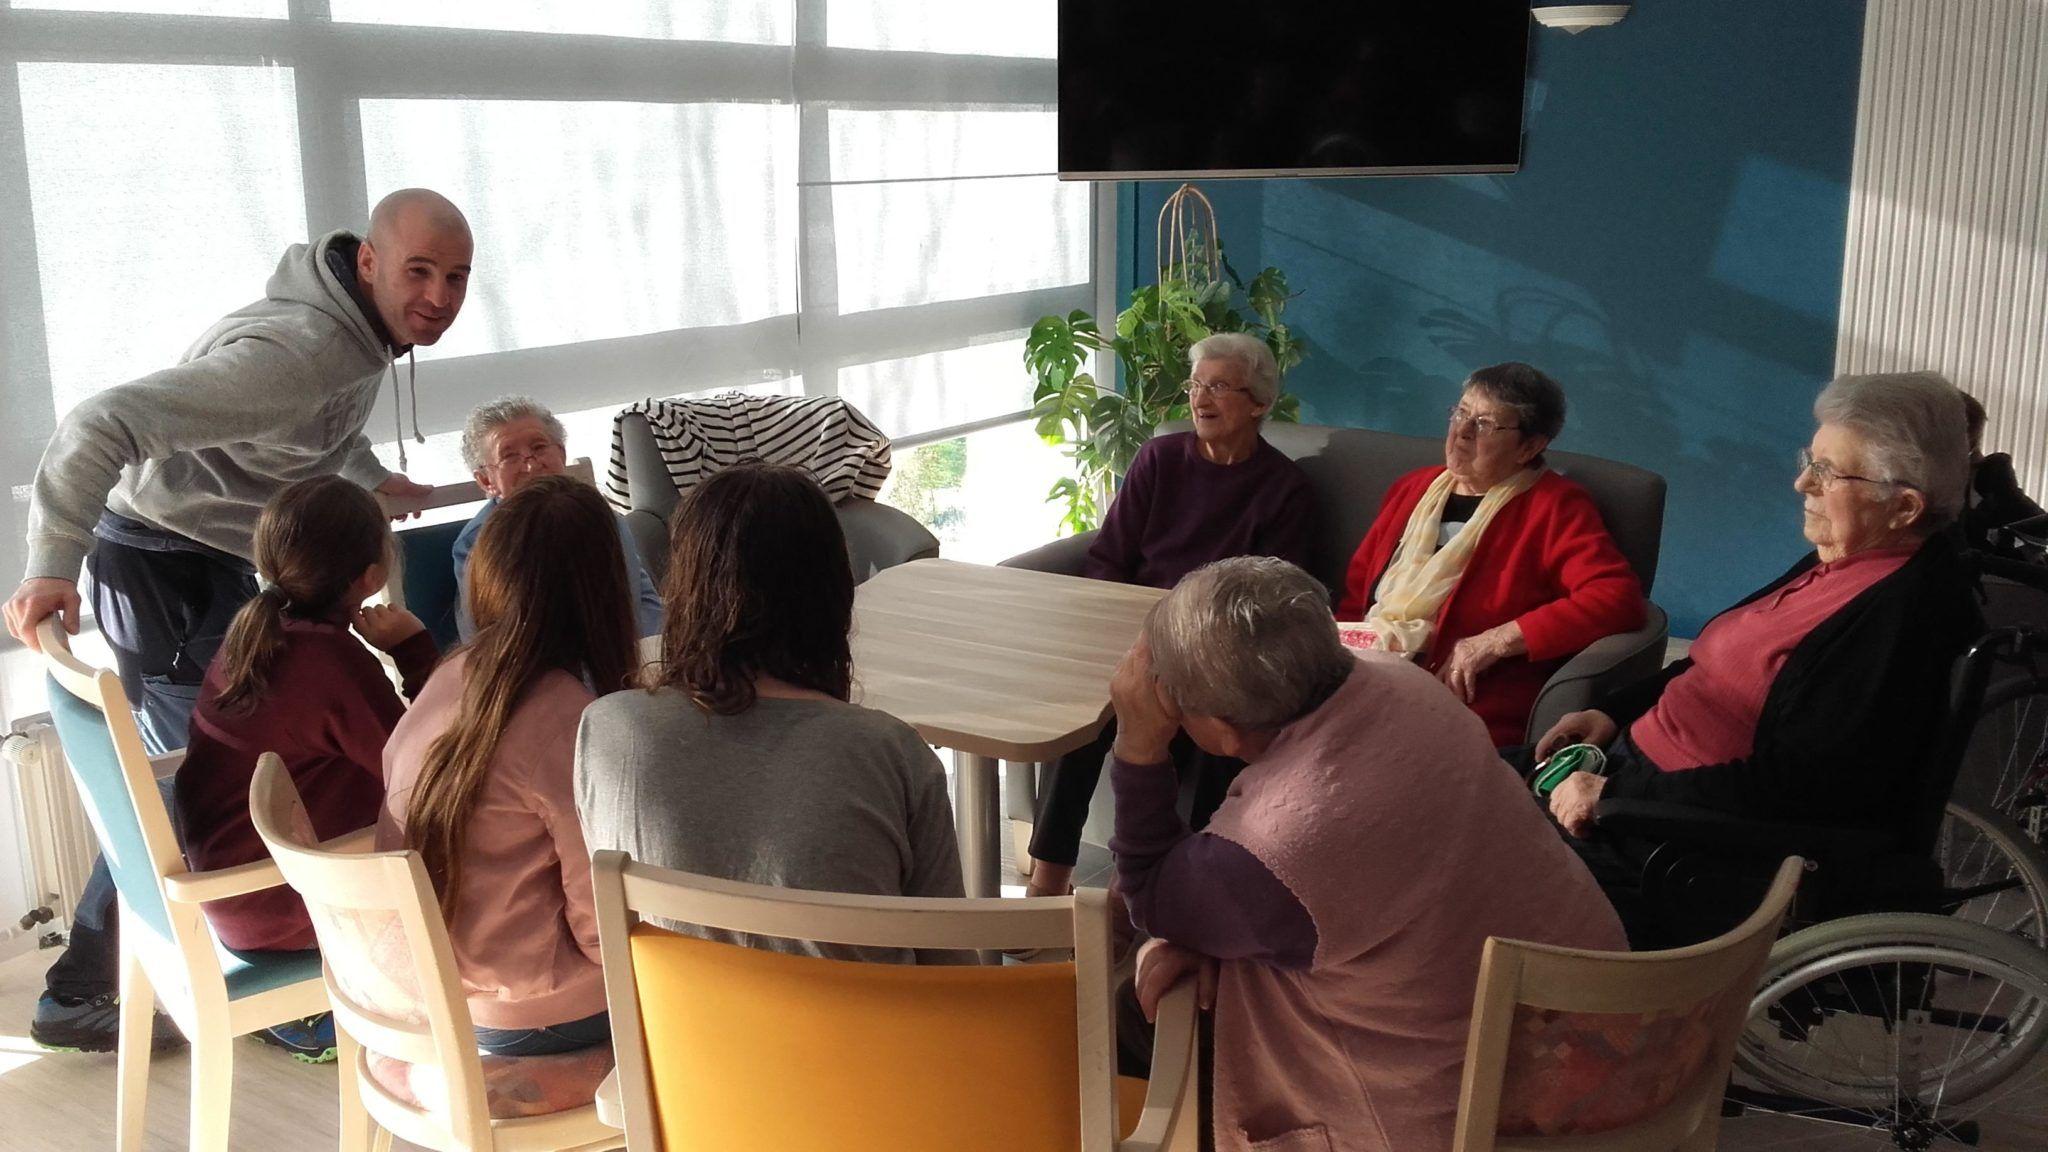 Maison de retraite site de rencontre